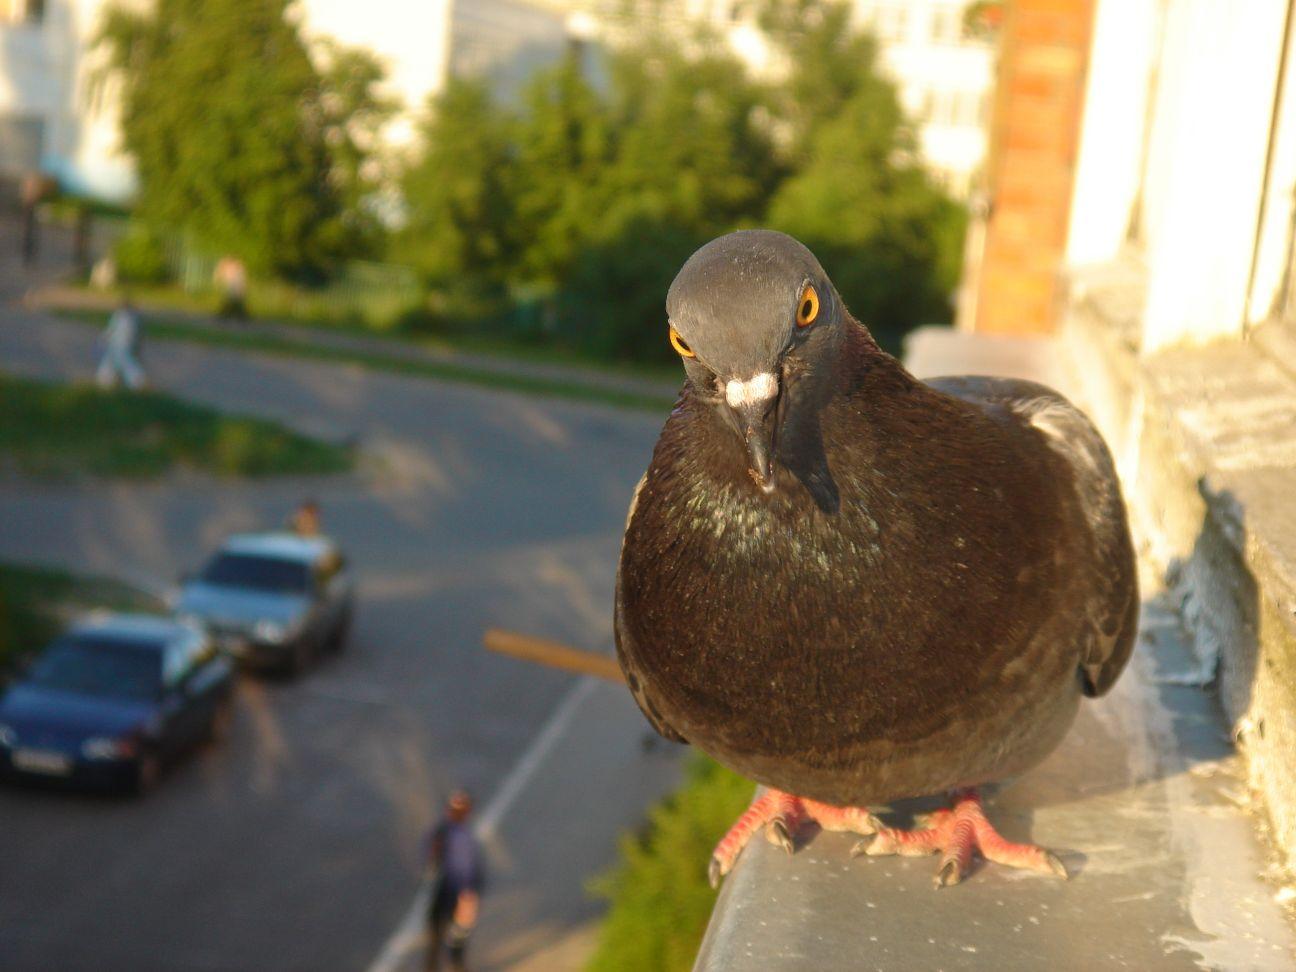 талантливый голубь с глазами спереди фото могут